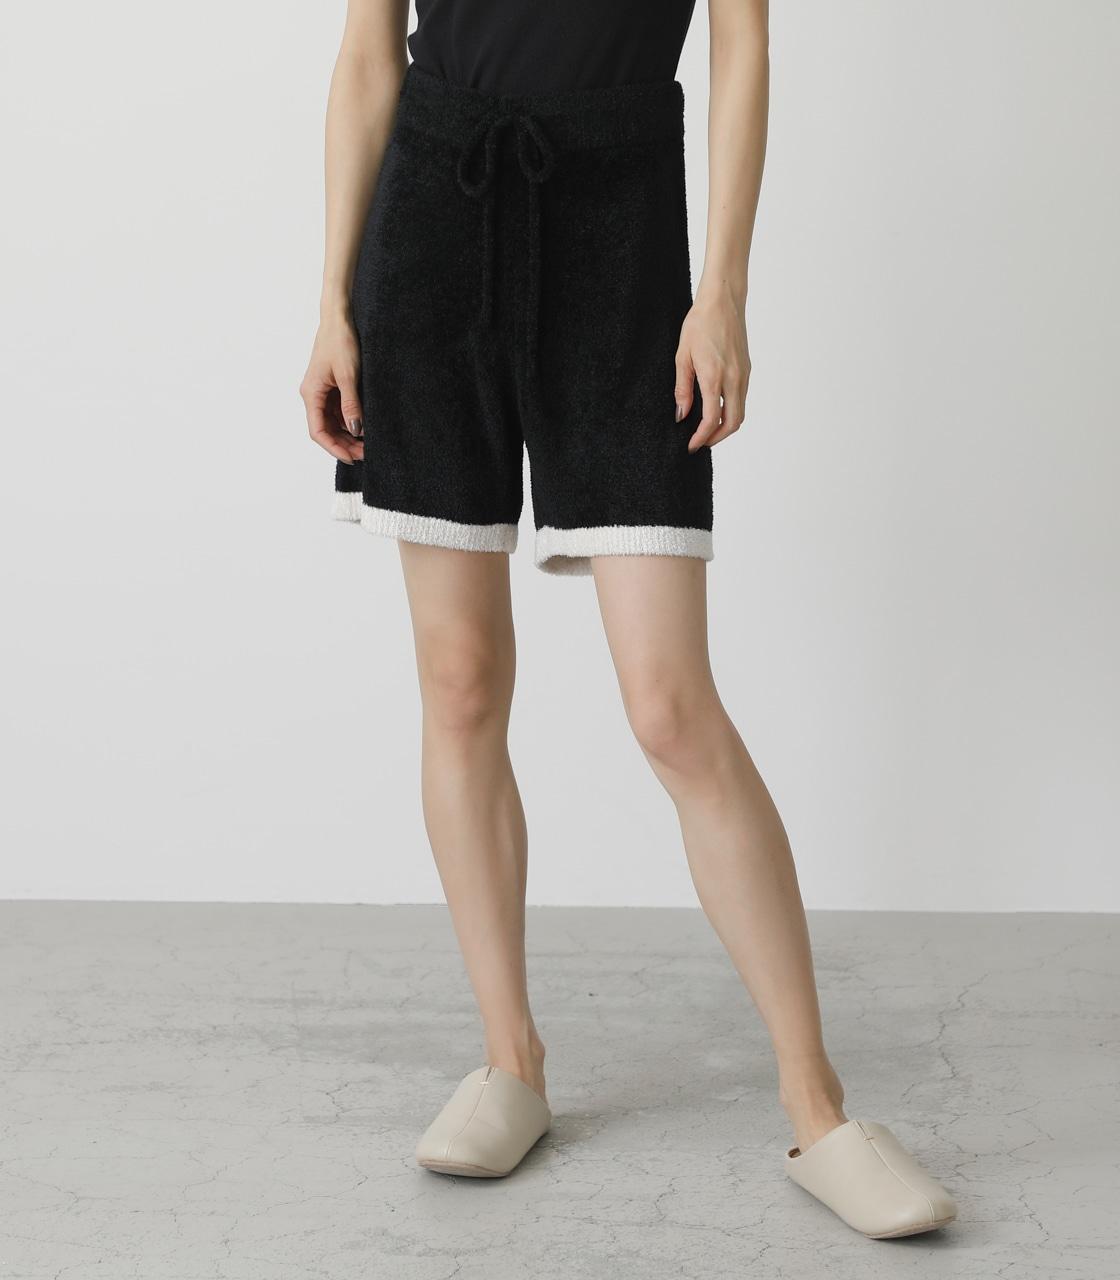 Hagl/öfs Pantalones cortos Intense Shorts Lava